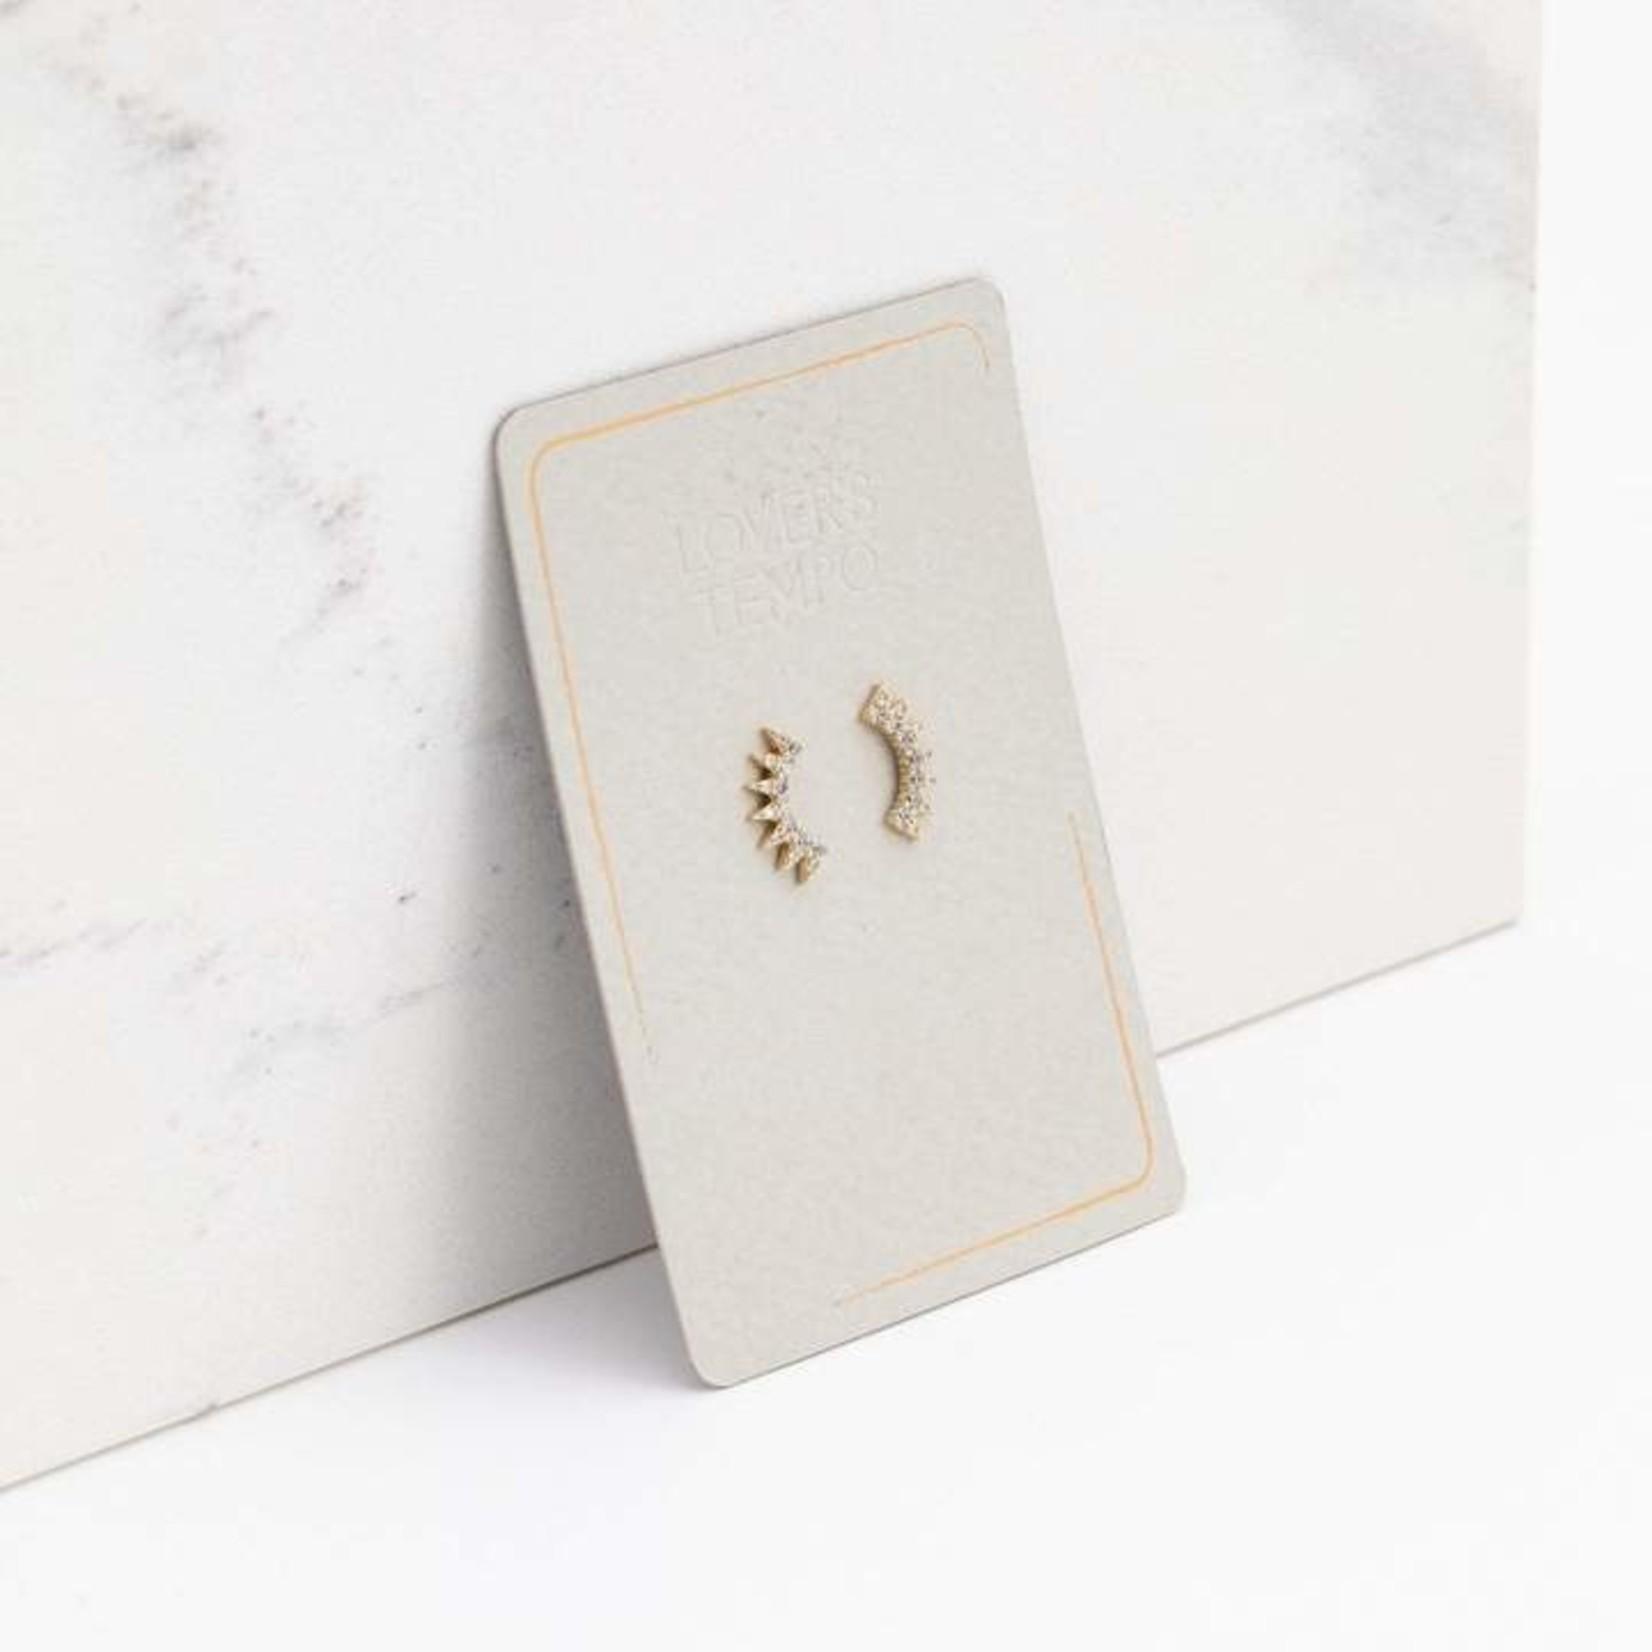 Lover's Tempo Nova Climber Earrings Gold